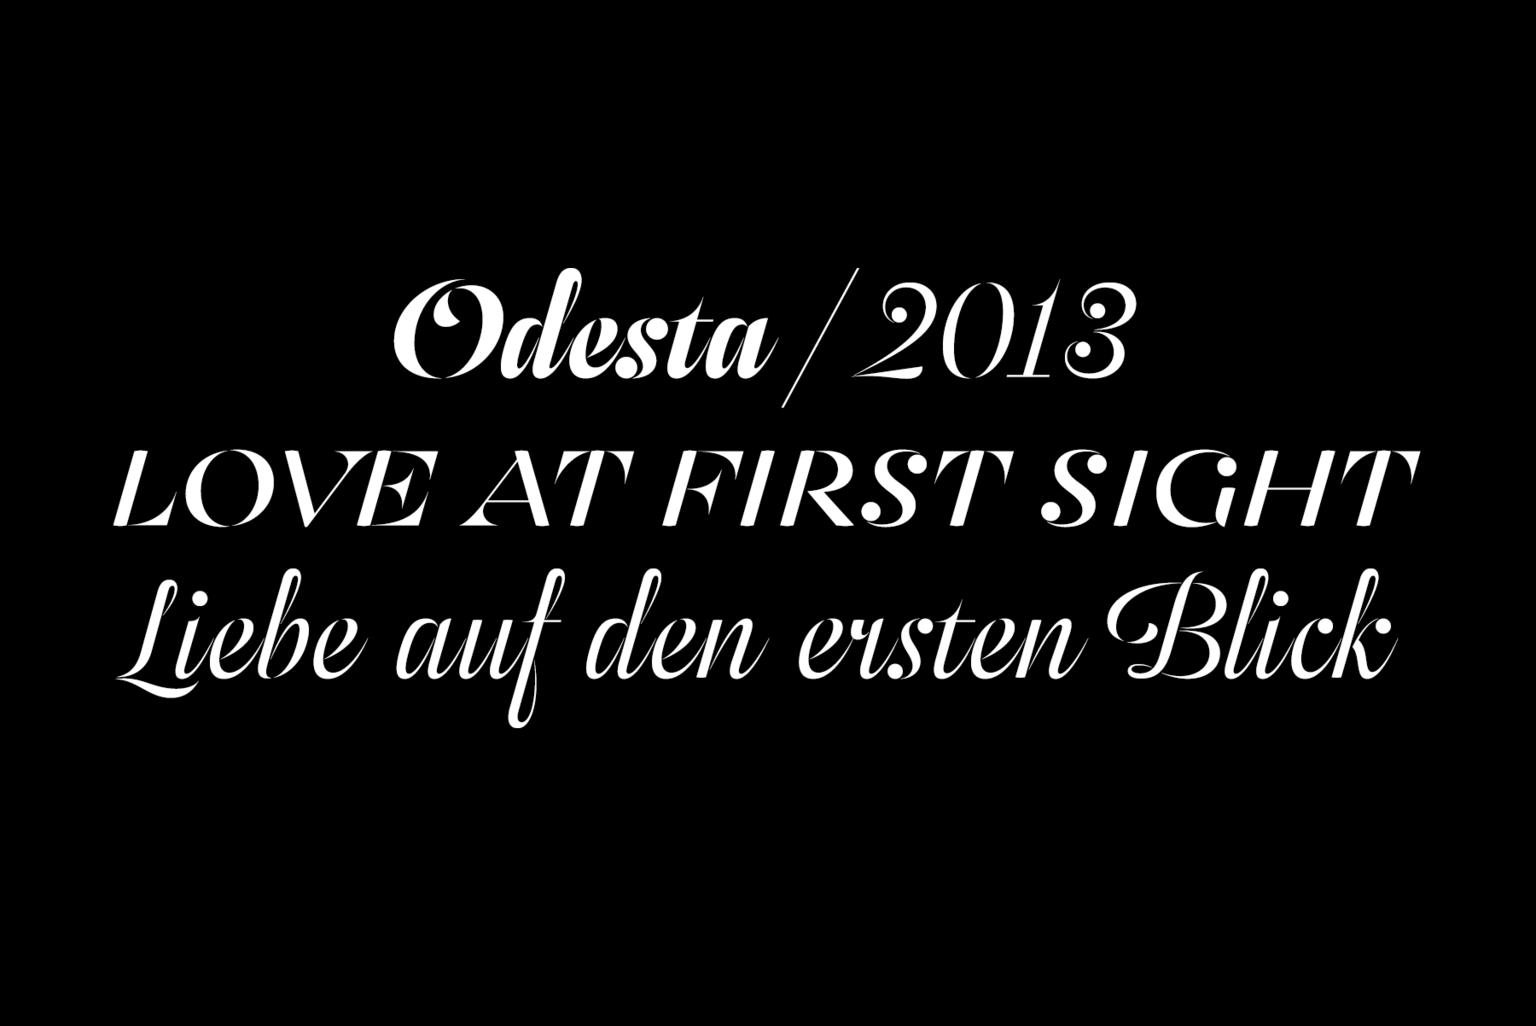 Vllg odesta bestof2013